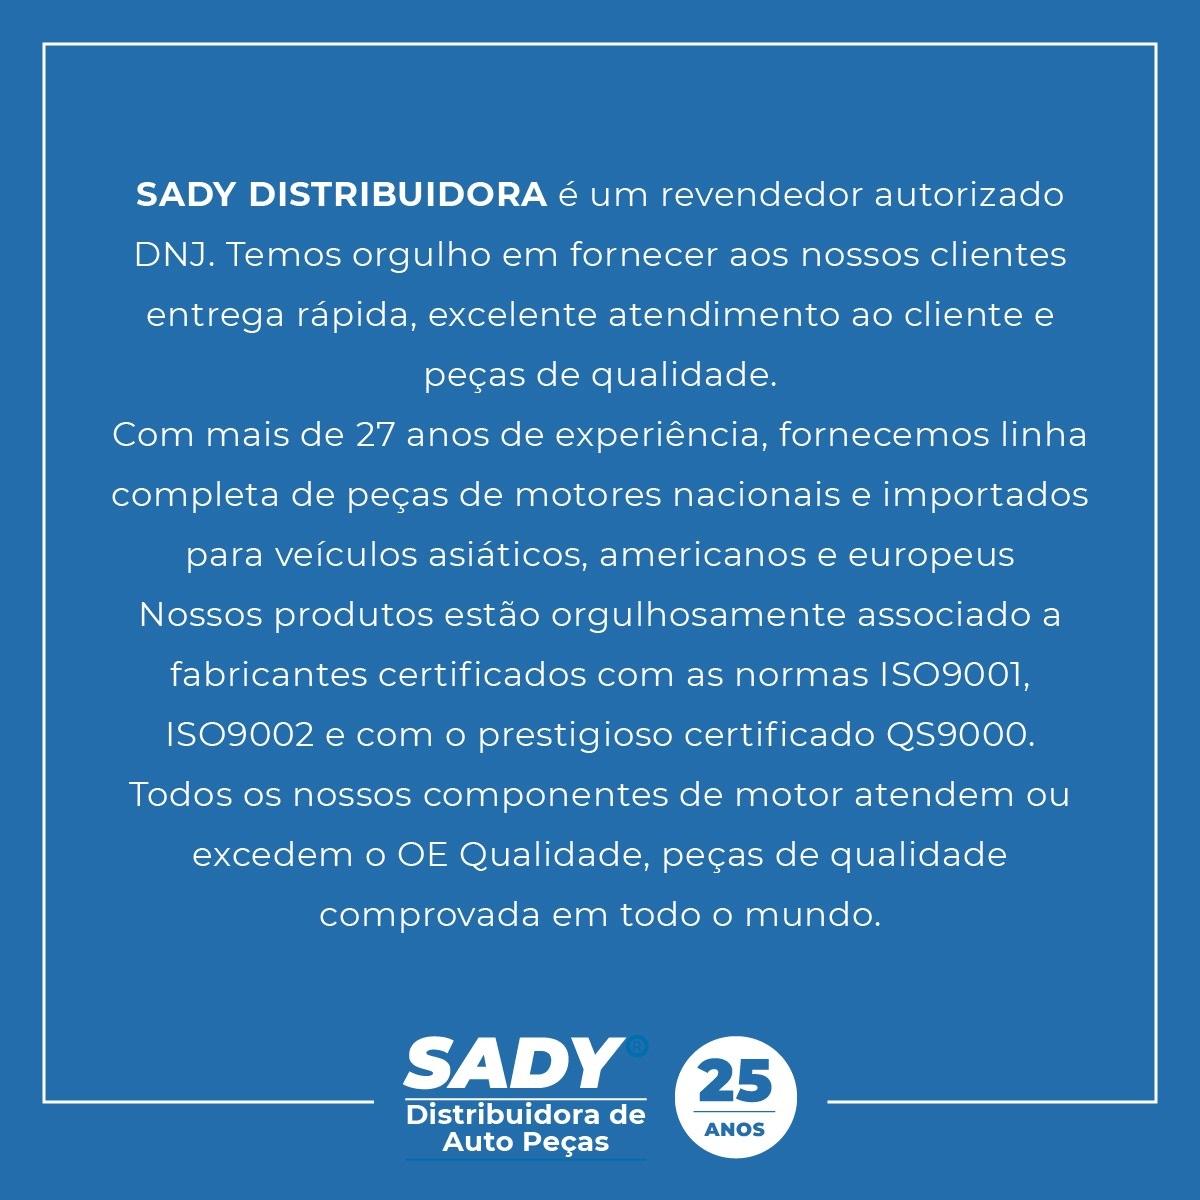 BOMBA DE OLEO DO MOTOR TOYOTA 2.4 16V 2AZFE